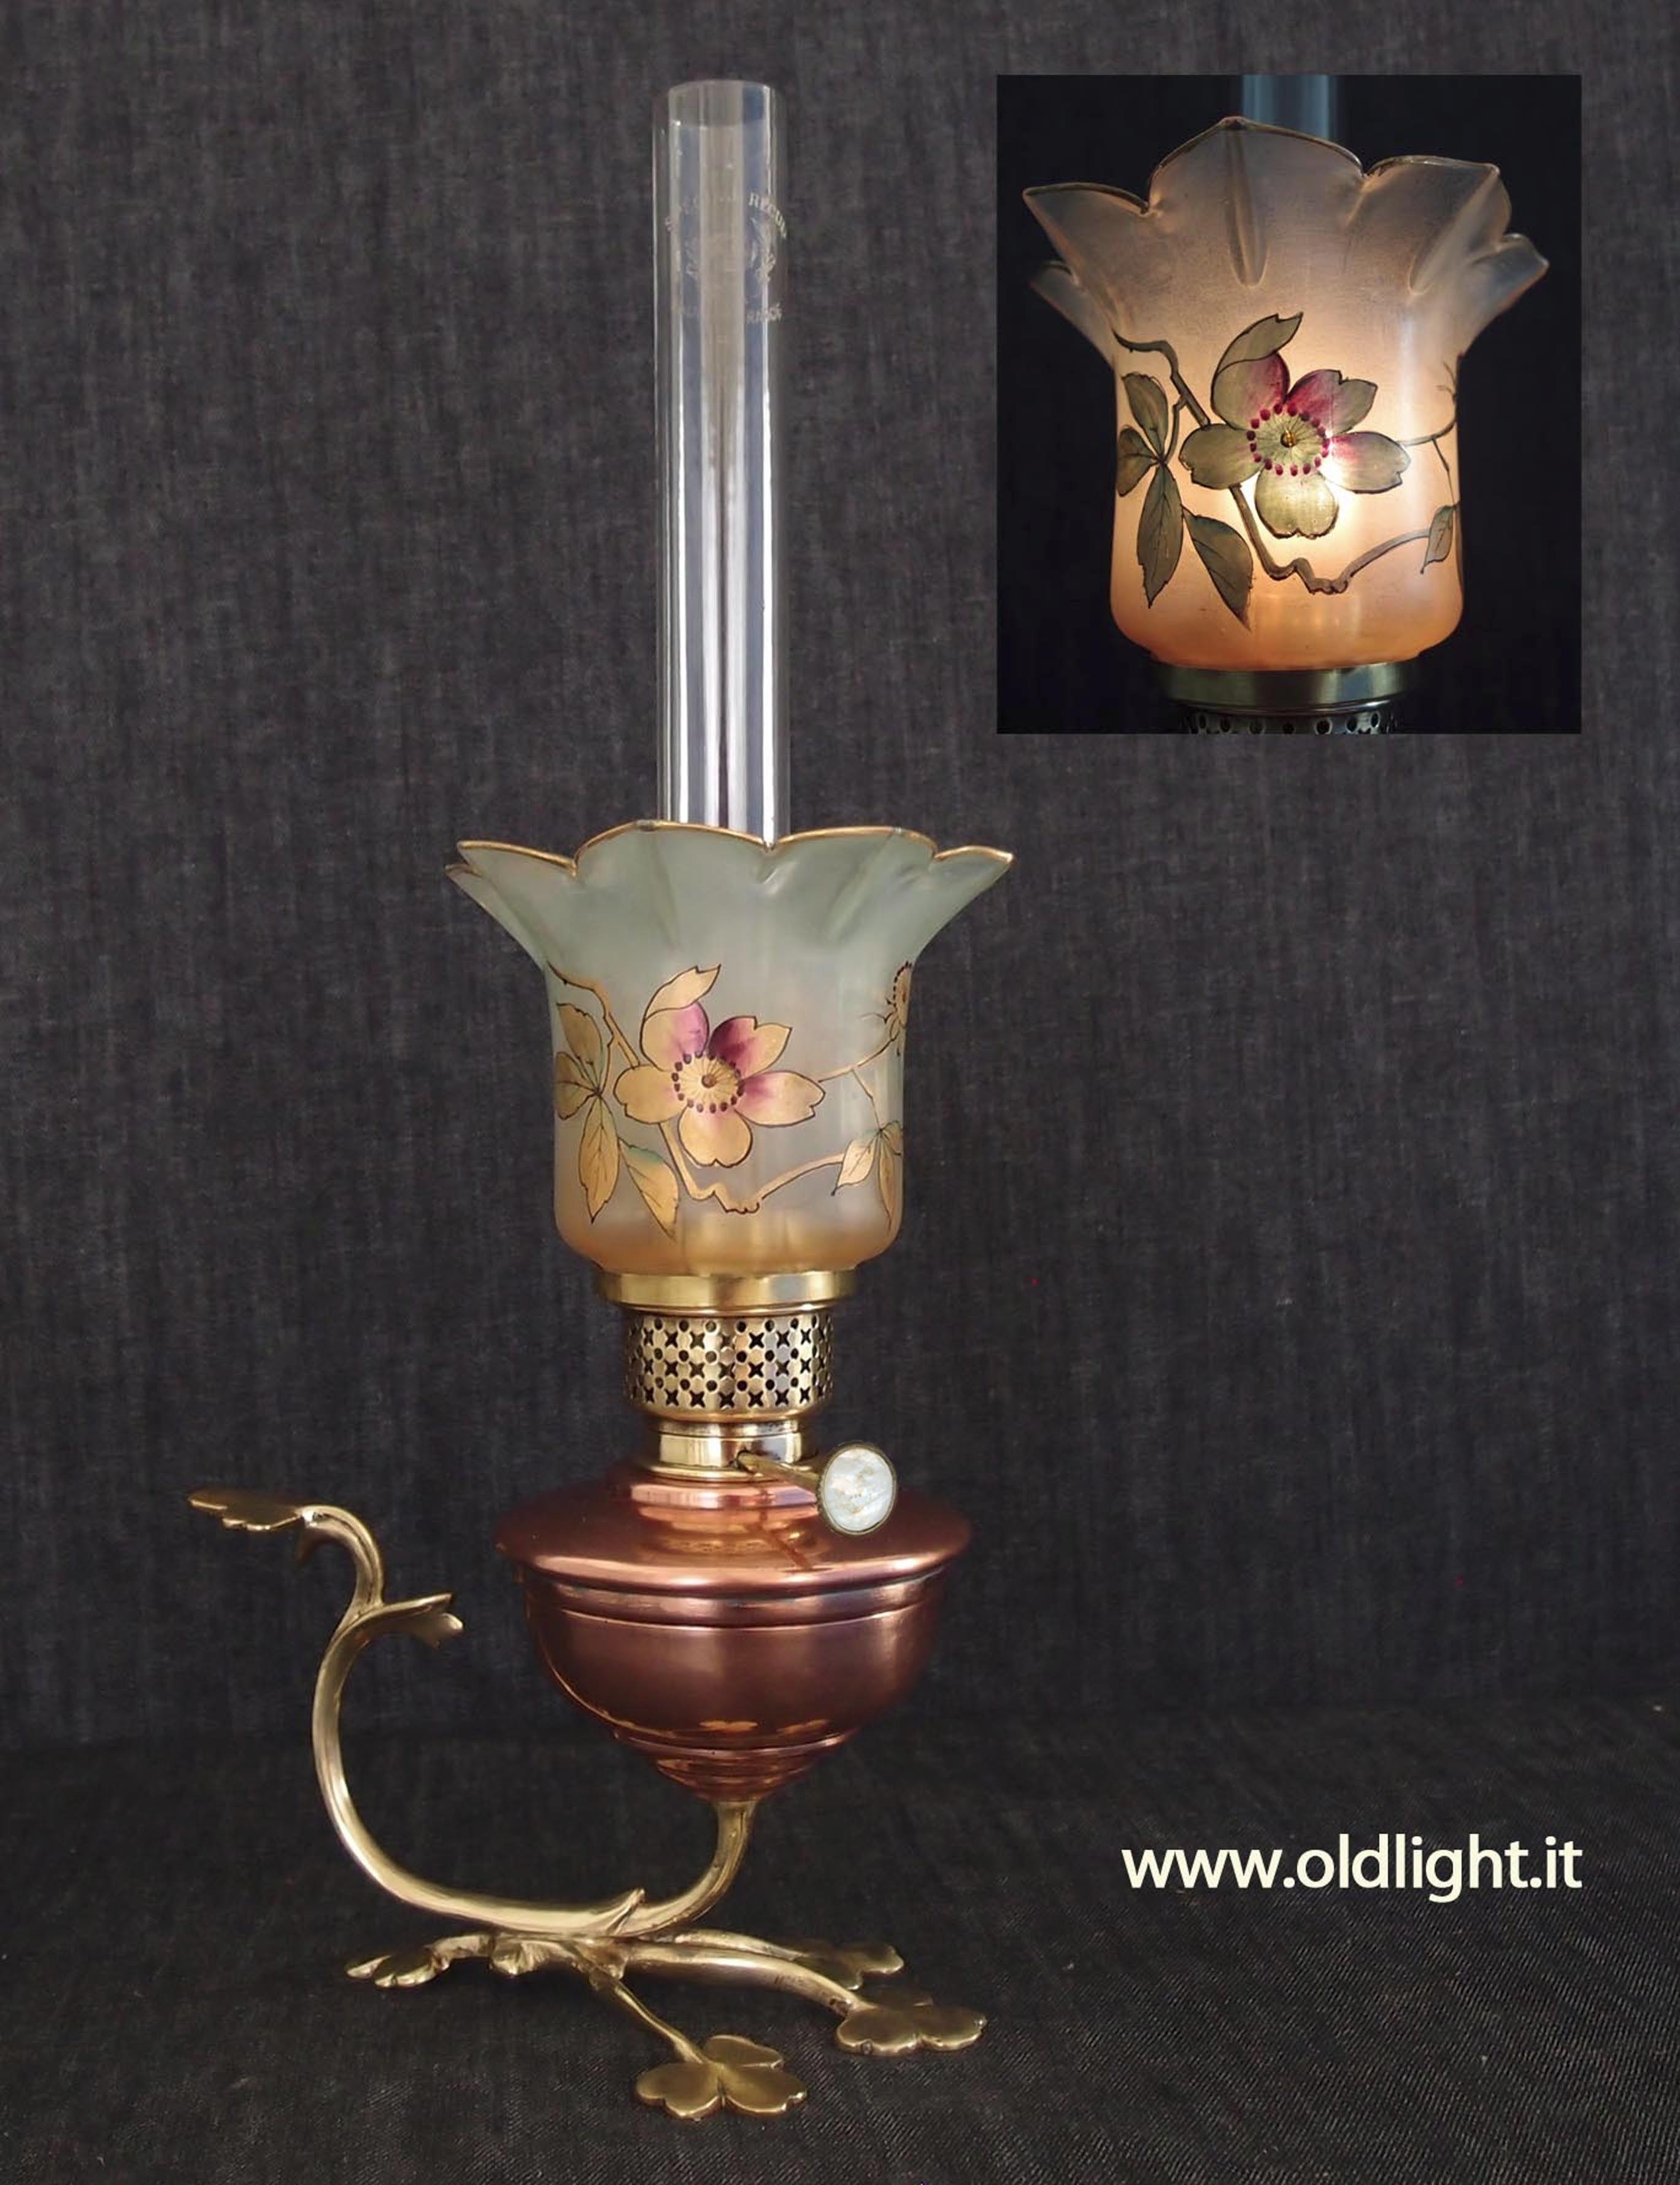 """Originale lampada Francese stile Art Nouveau ( palesemente ispirata allo stile Inglese ARTS & CRAFTS di W.A.S. BENSON - 1854-1924 Hammersmith - Londra ). Realizzata in rame e fusione di ottone; Bruciatore 10"""" ( con regolatore stoppino in madreperla ) BOUVRARD & V ILLARS - S.te S.G.D.G. - PARIS. in uso, dal 1885, presso le ferrovie Francesi S.N.C.F.; Tubo cristallo per Kosmos 10'''; Paralume tulipano 9 petali in cristallo con decorazioni floreali realizzate a mano ( stile François-Théodor"""